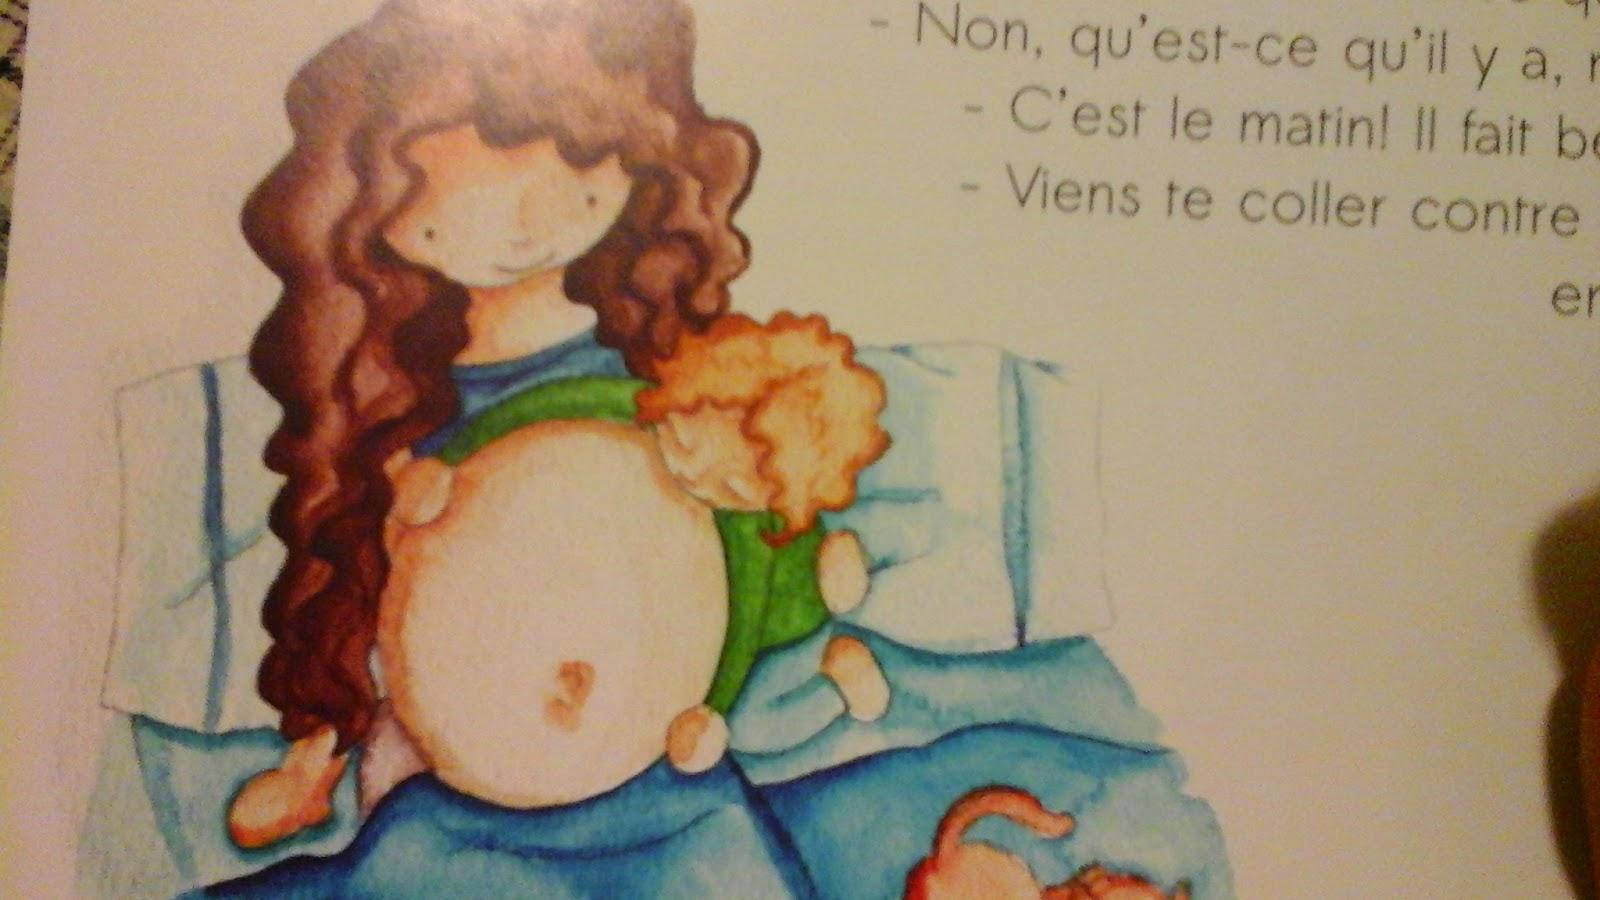 Parlons accouchement grossesse lettre a mon bebe cynthia durand mamans zen enfant bien-etre recit temoignage blog article mamans a la maison maman papa mere au foyer livre pere